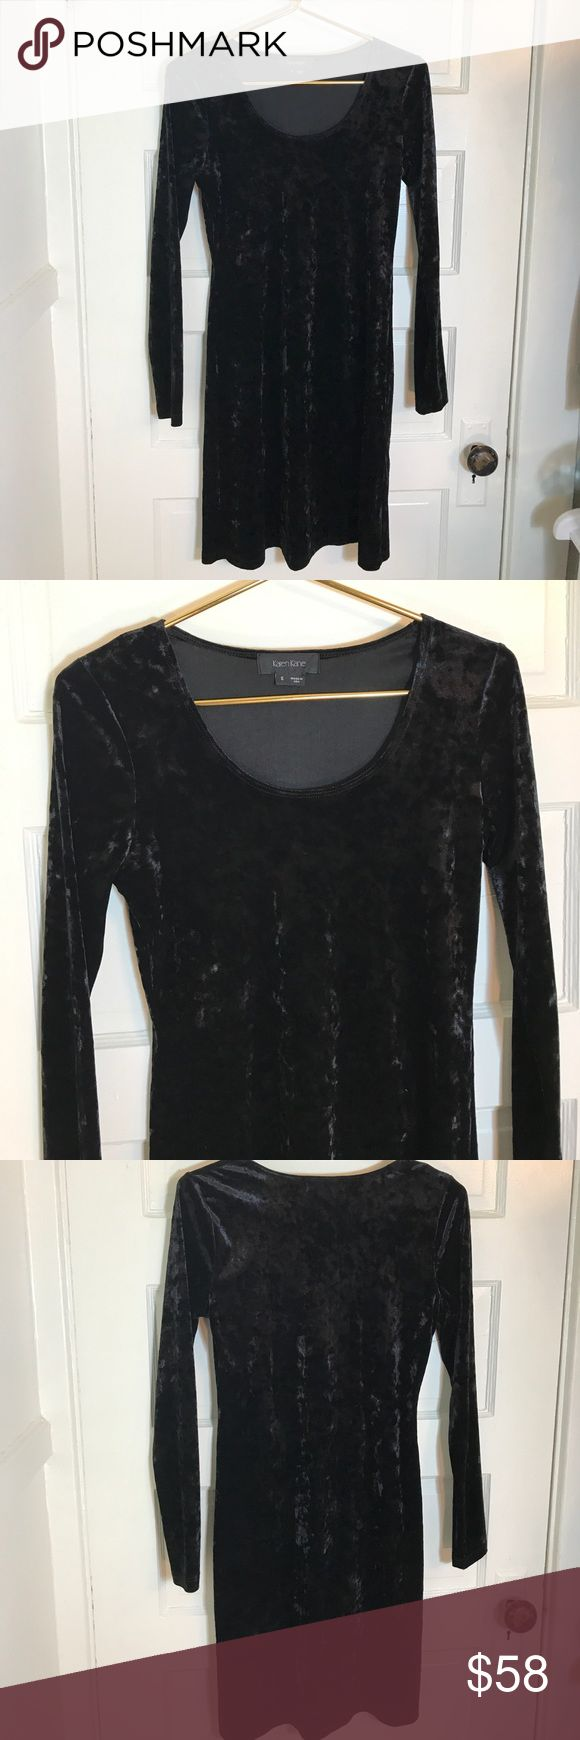 Karen Kane A- line Black velvet dress S Karen Kane black velvet a- line dress in Small. Only worn a couple times. Excellent condition. Karen Kane Dresses